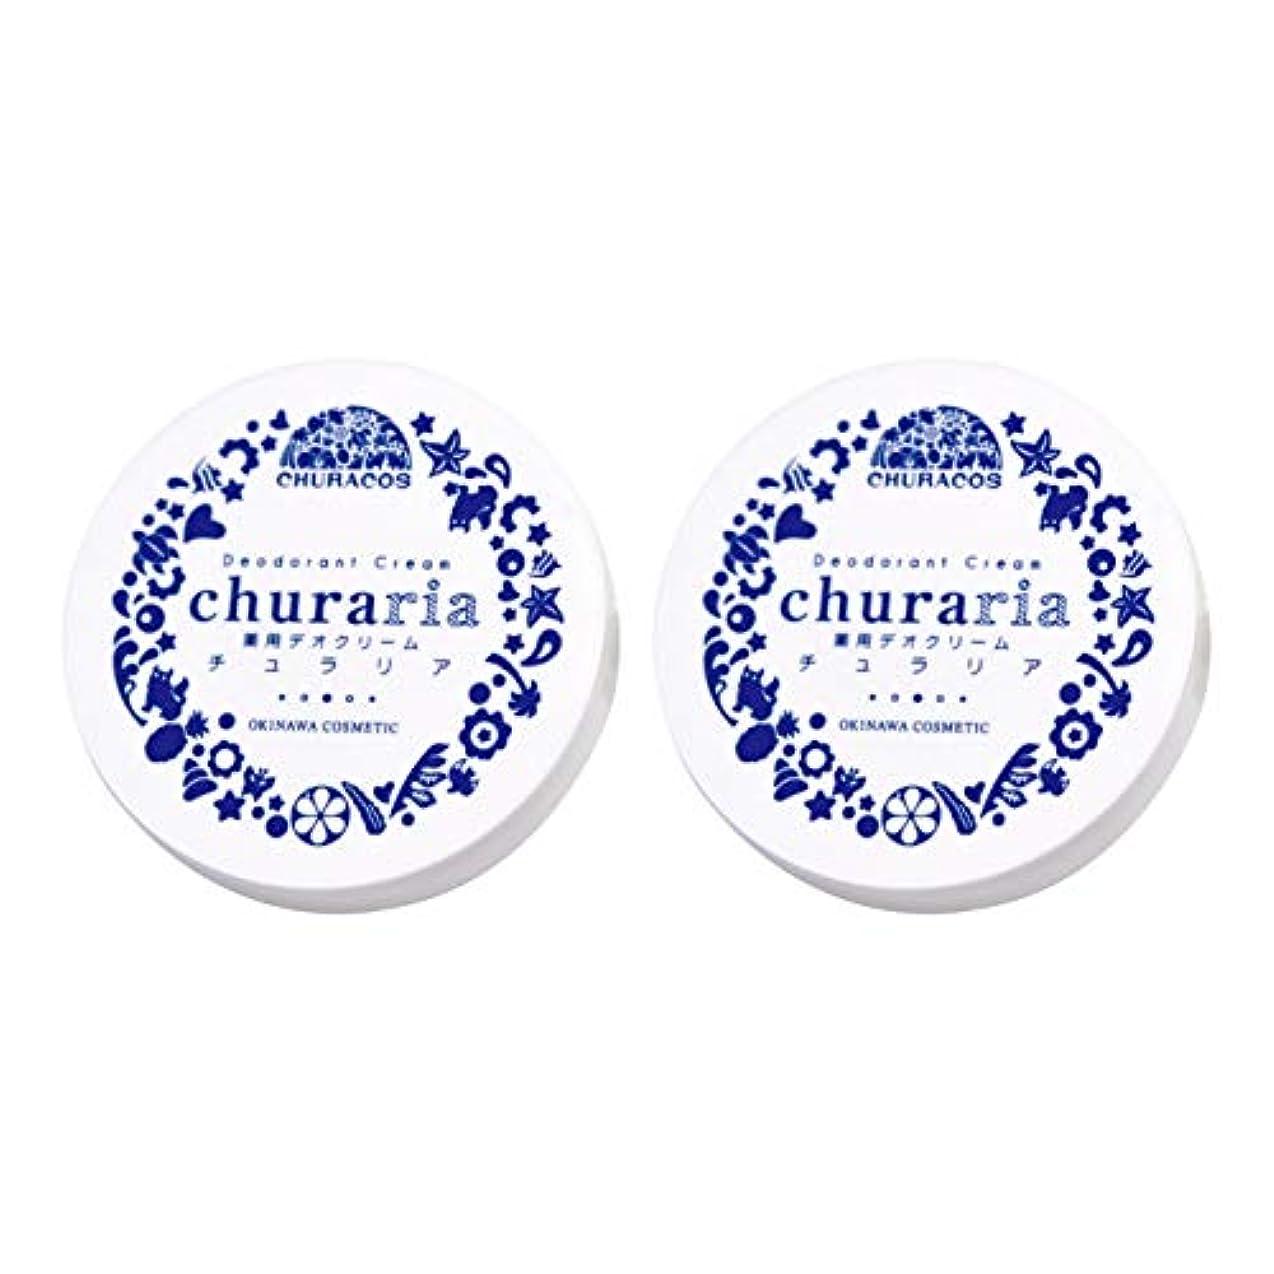 ハドルテメリティさびたチュラコス 薬用デオドラントクリーム チュラリア 27g 制汗剤 わきが デリケート (2個)